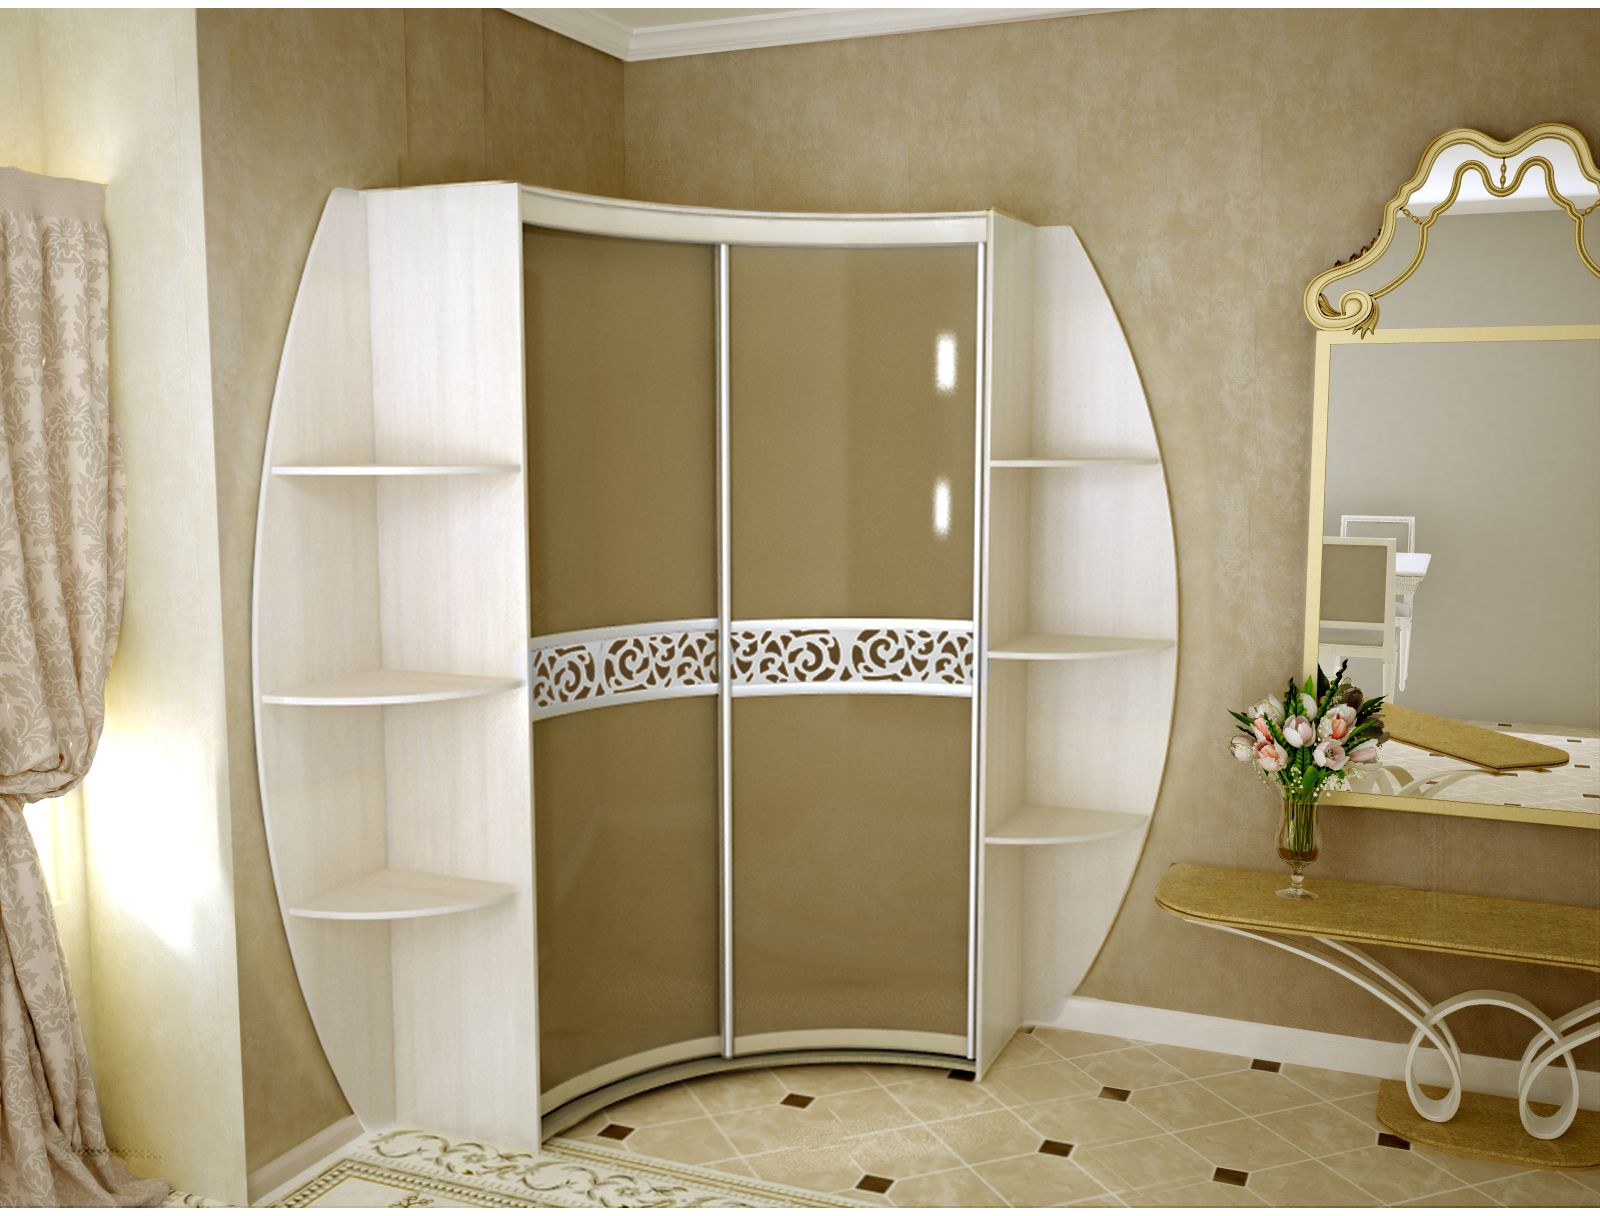 сосновые переводе идеи красивых угловых шкафов в спальню фото красота